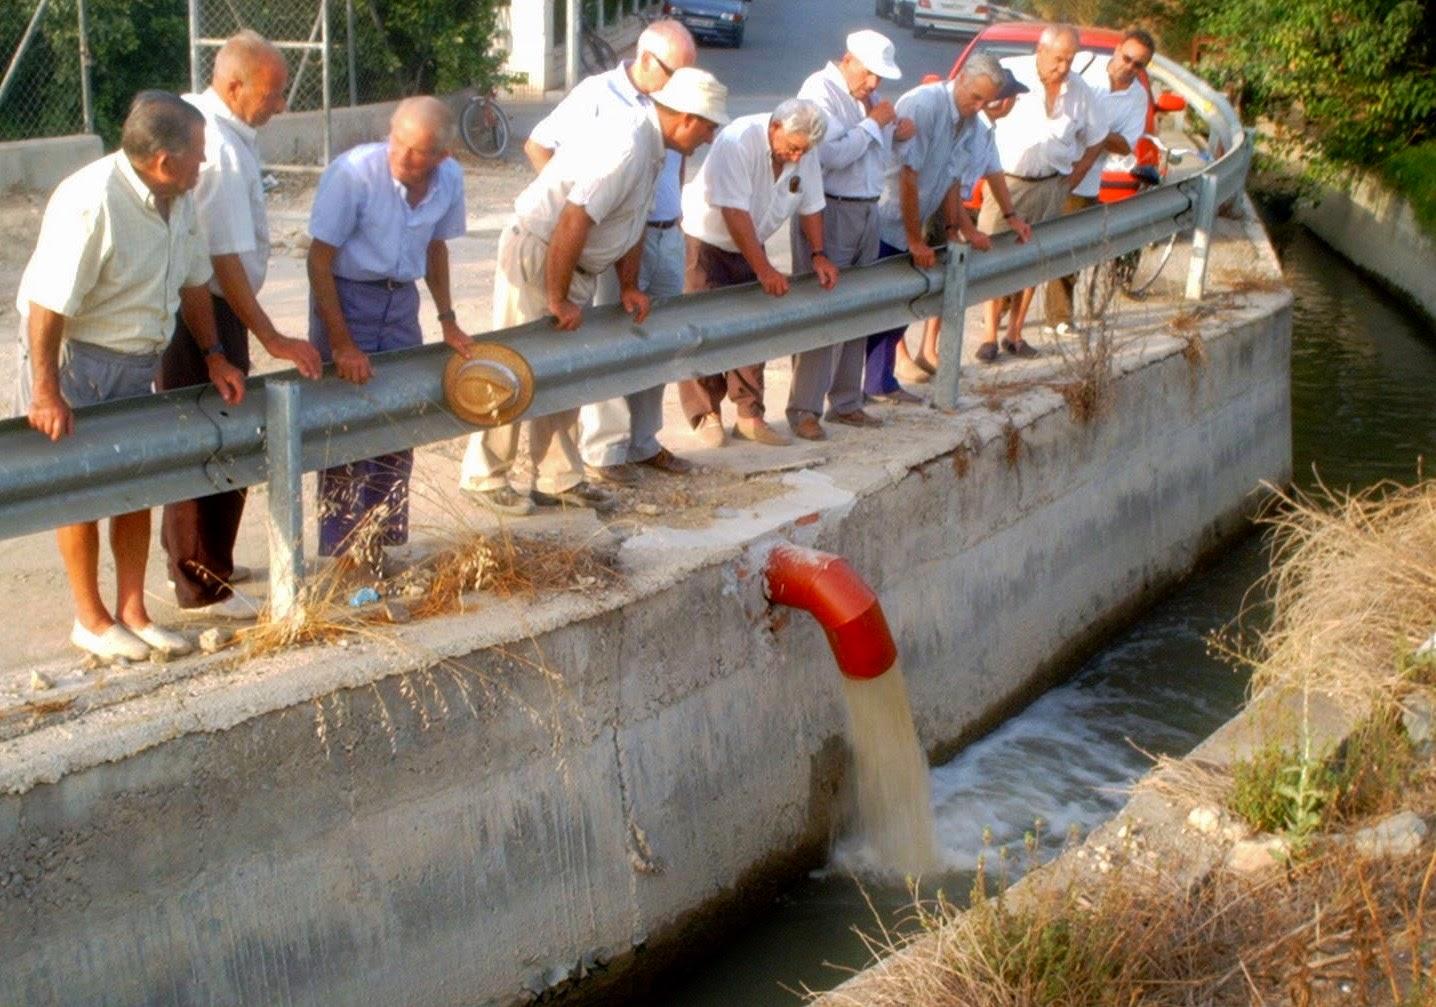 Agua de pozo a la acequia, Murcia